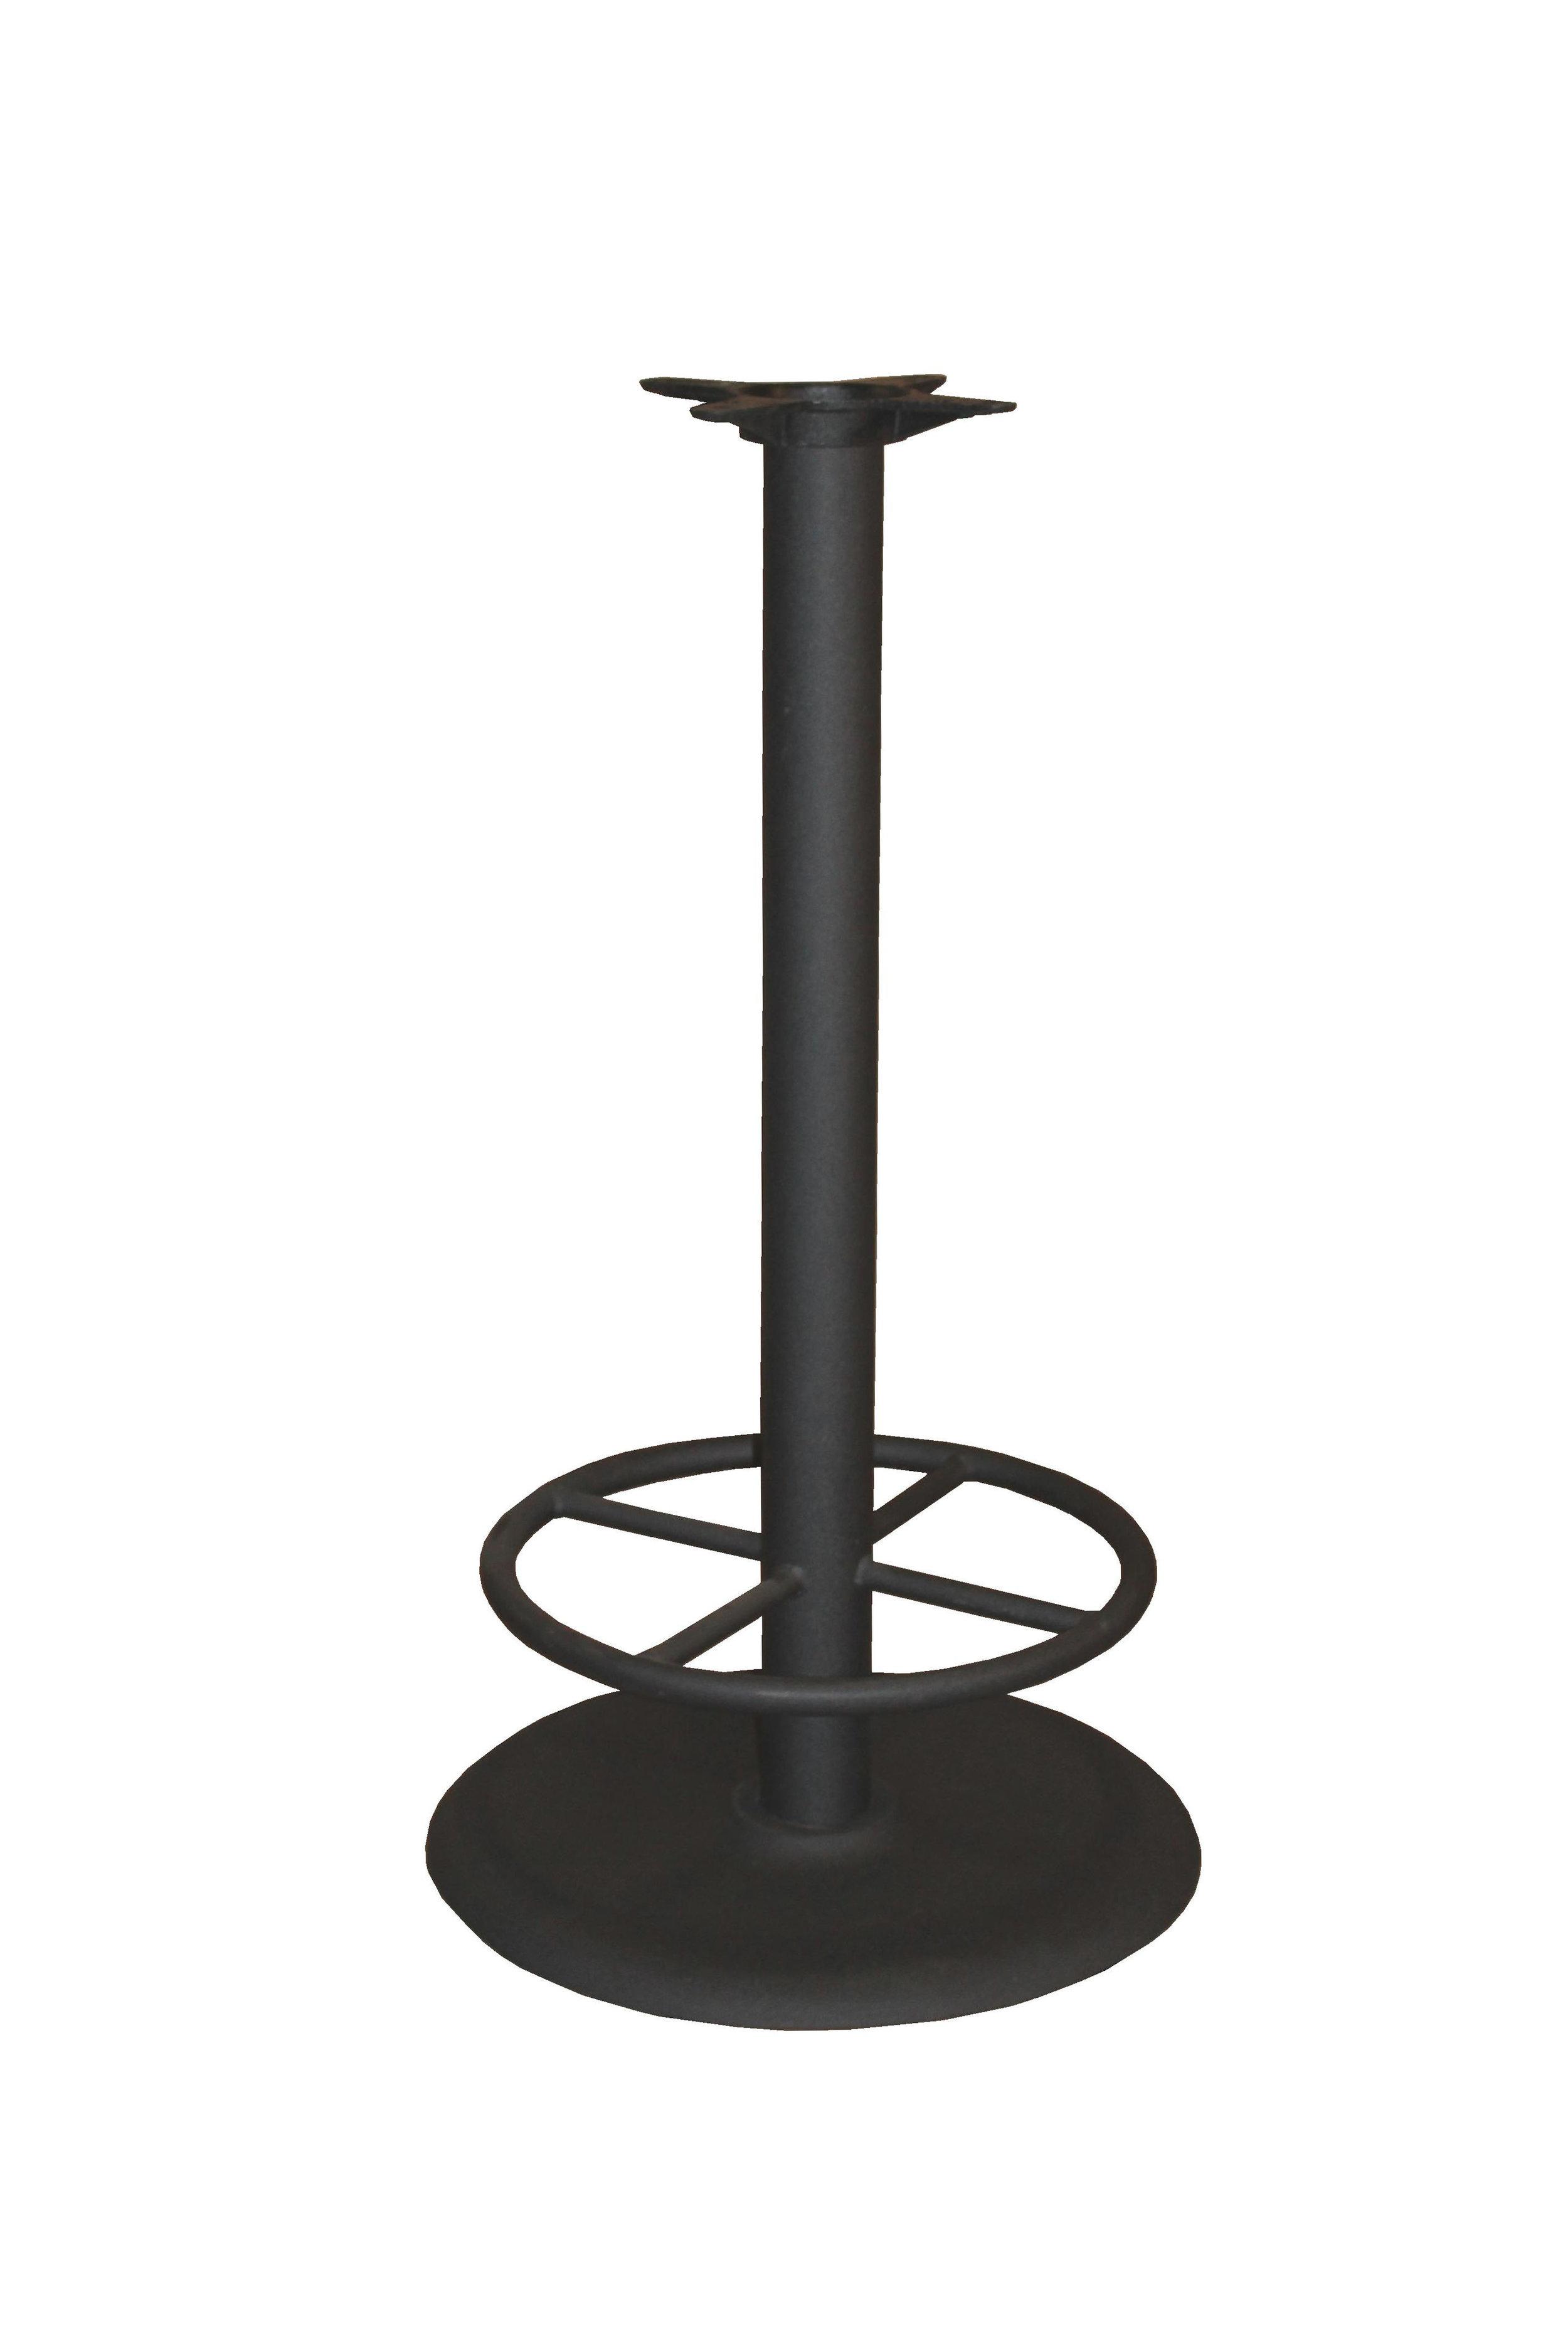 B3 BHFR - Cast Iron Table Base